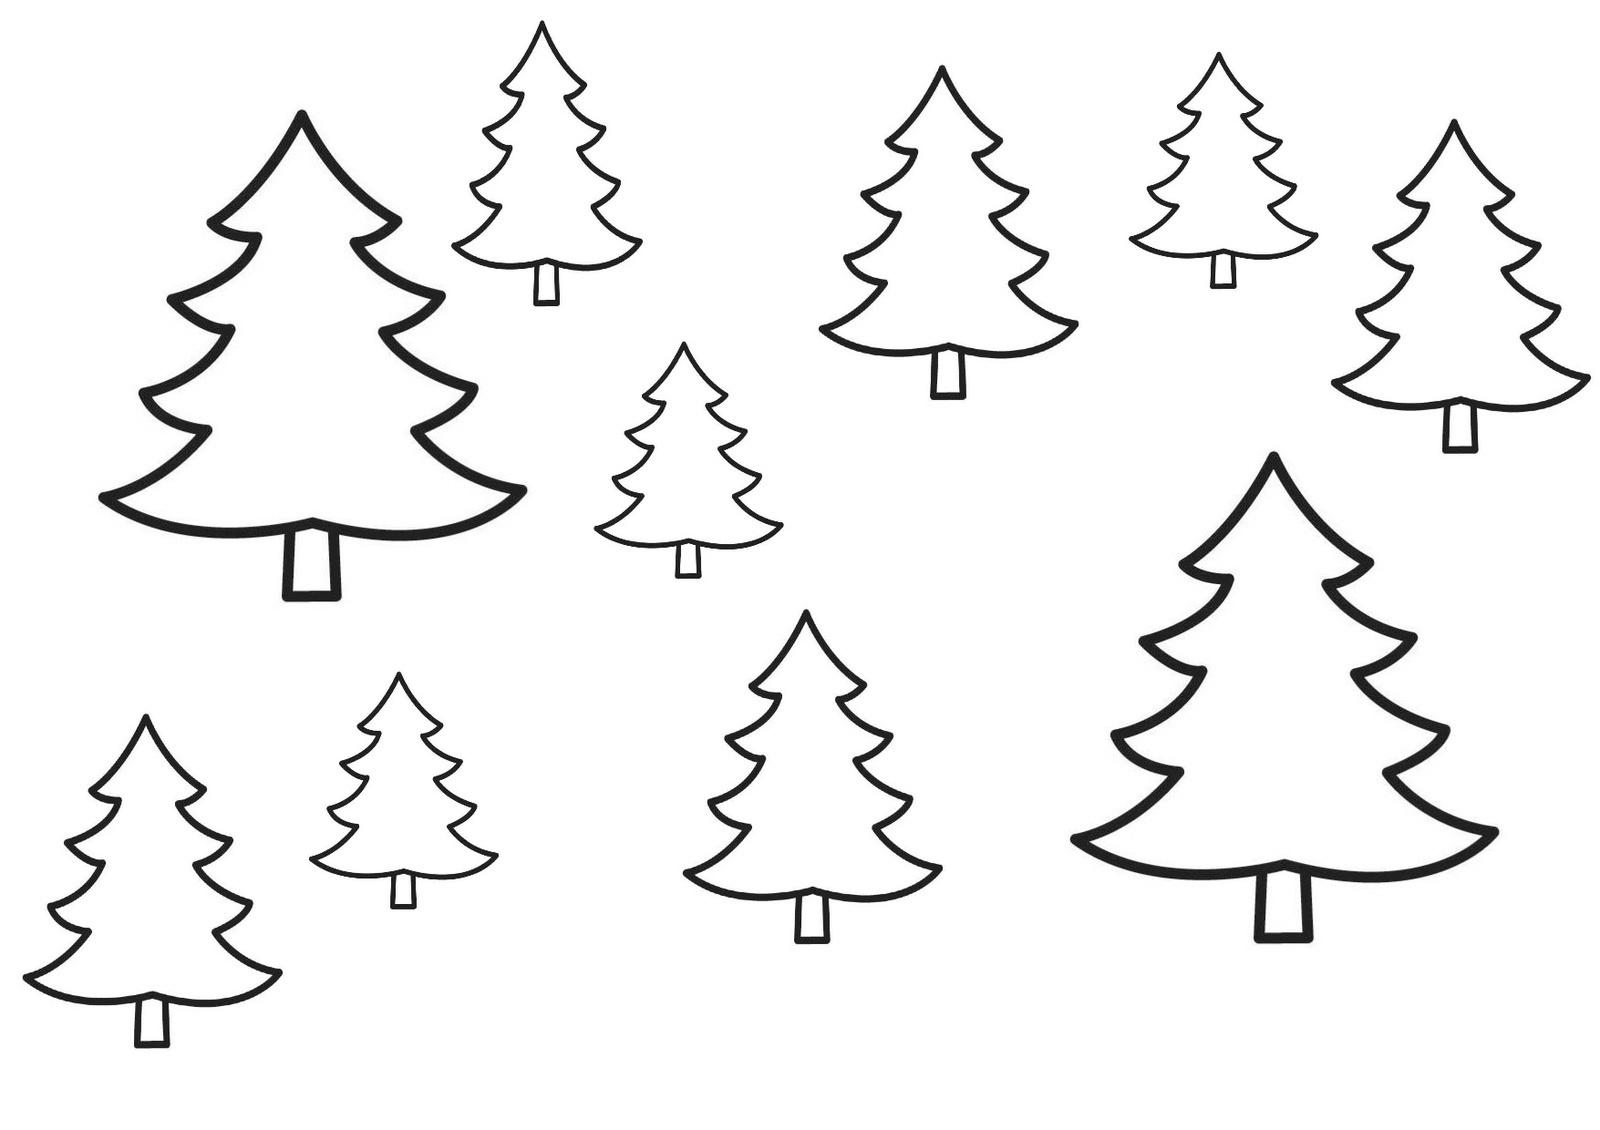 Une Forêt De Sapin Sous La Neige ! - Nounou Aline intérieur Gabarit Sapin De Noel